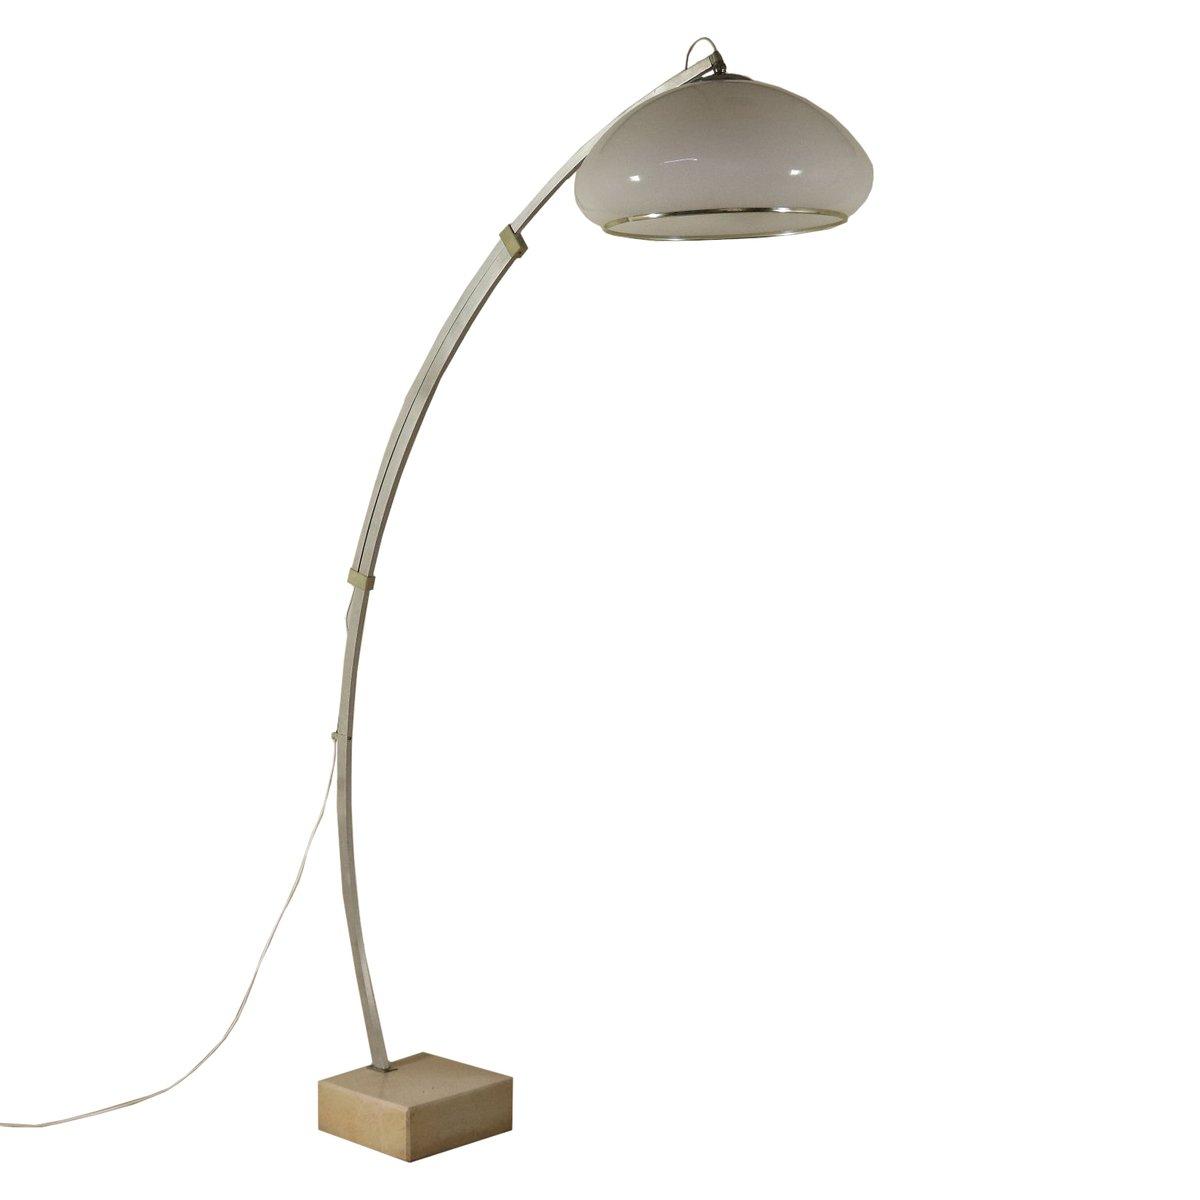 Große italienische Vintage Stehlampe